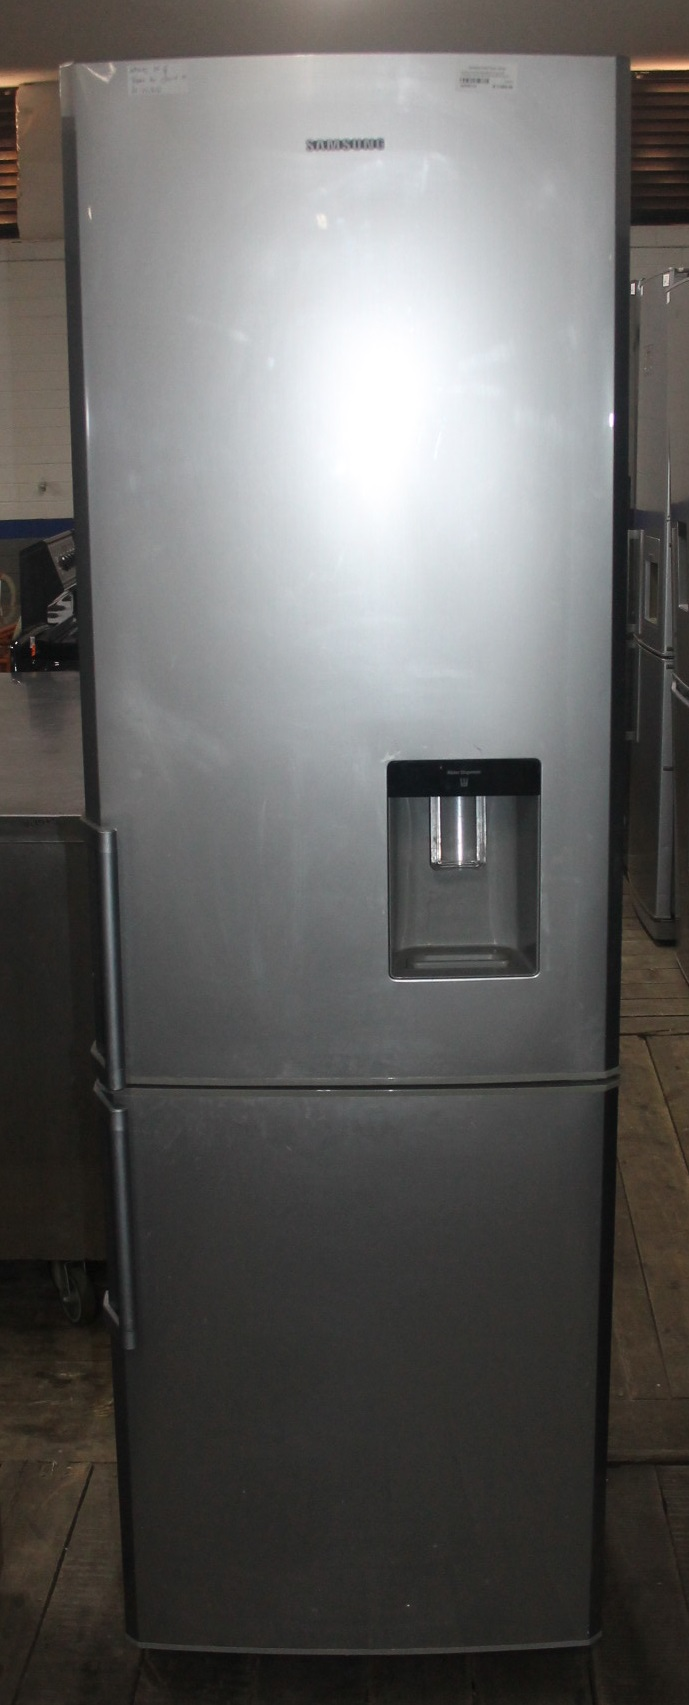 Samsung 2 door fridge with water dispenser S044911A #Rosettenvillepawnshop